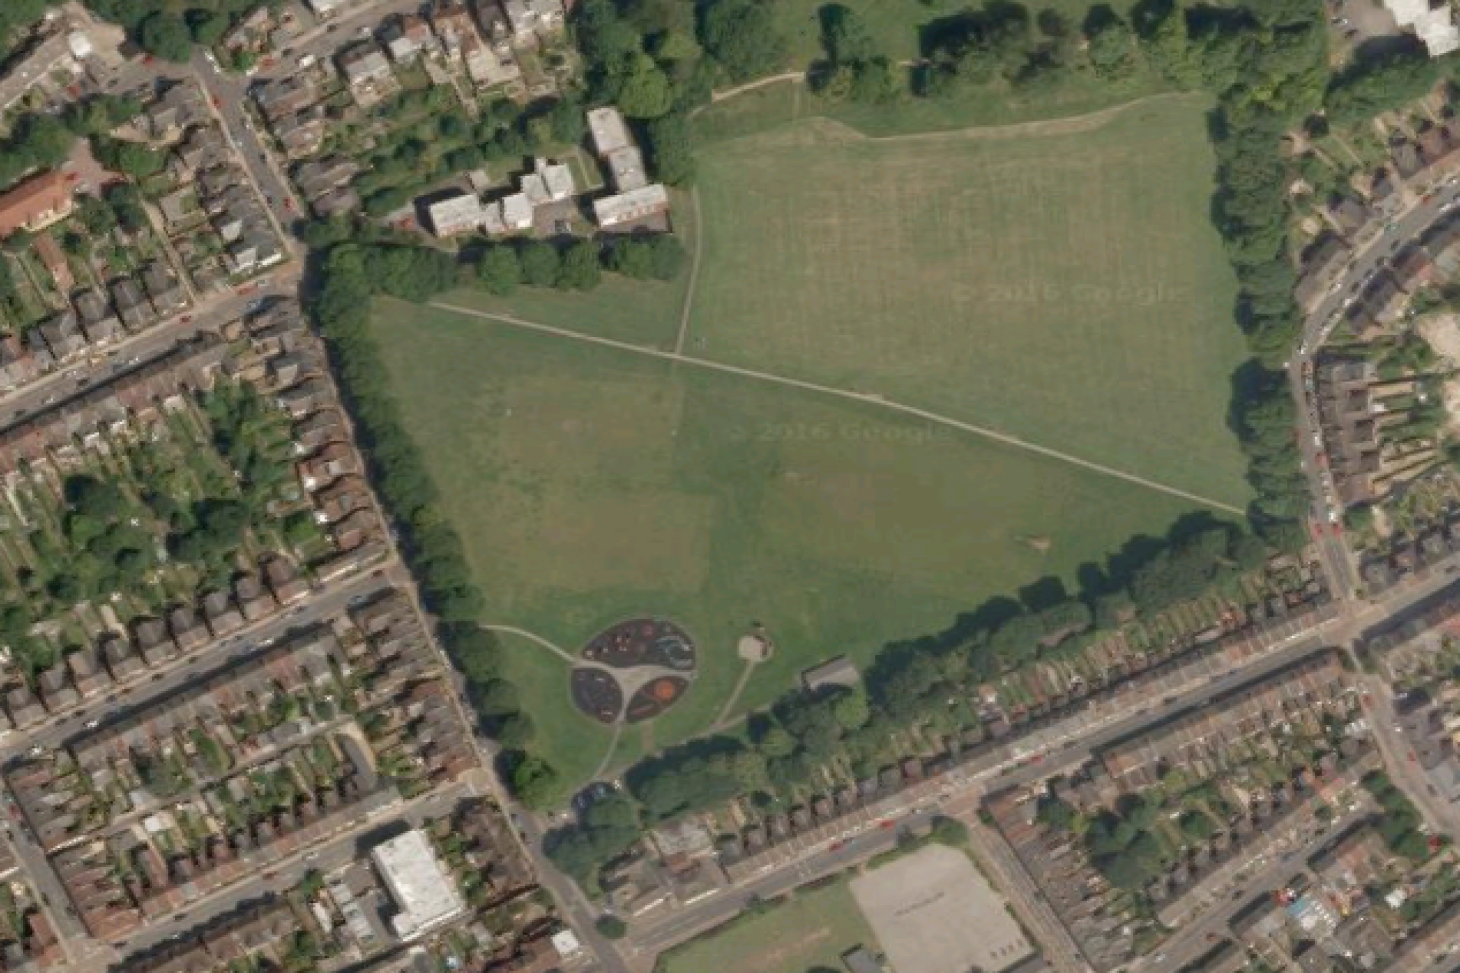 Bells Close Recreation Ground 11 a side | Grass football pitch